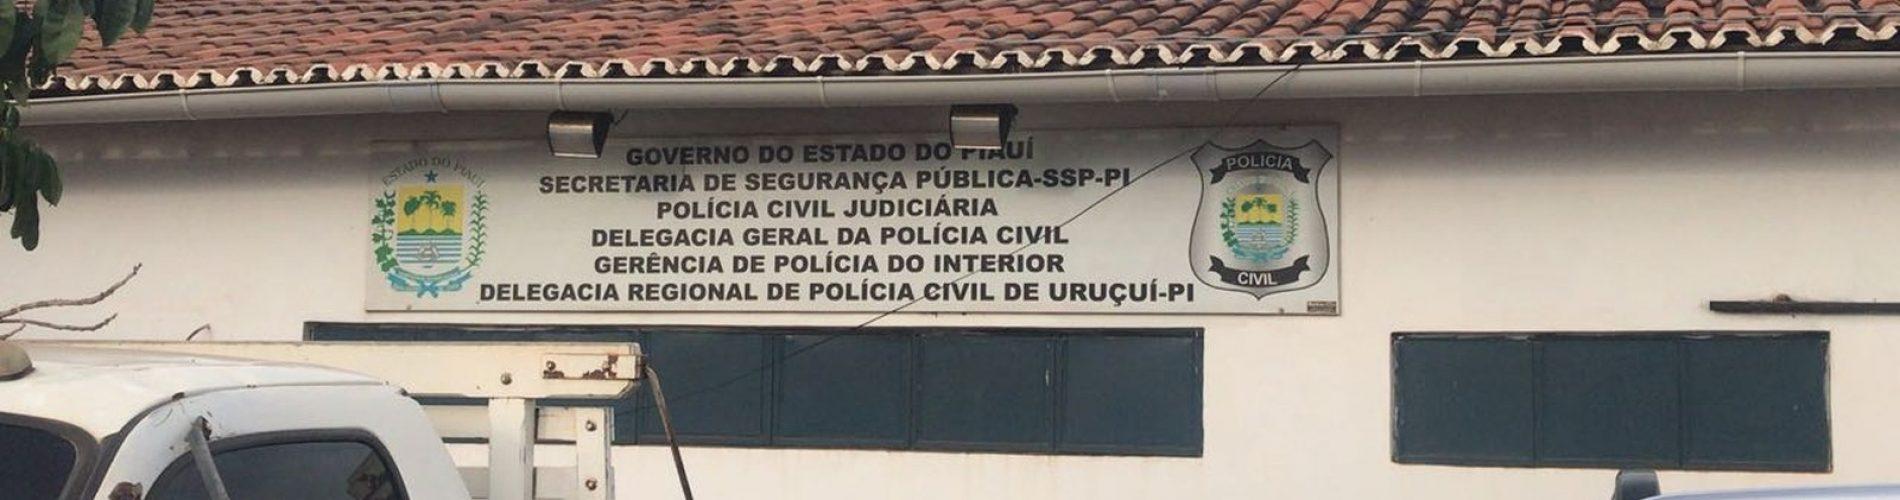 Homem é preso suspeito de se passar por terapeuta e abusar de pacientes no Piauí